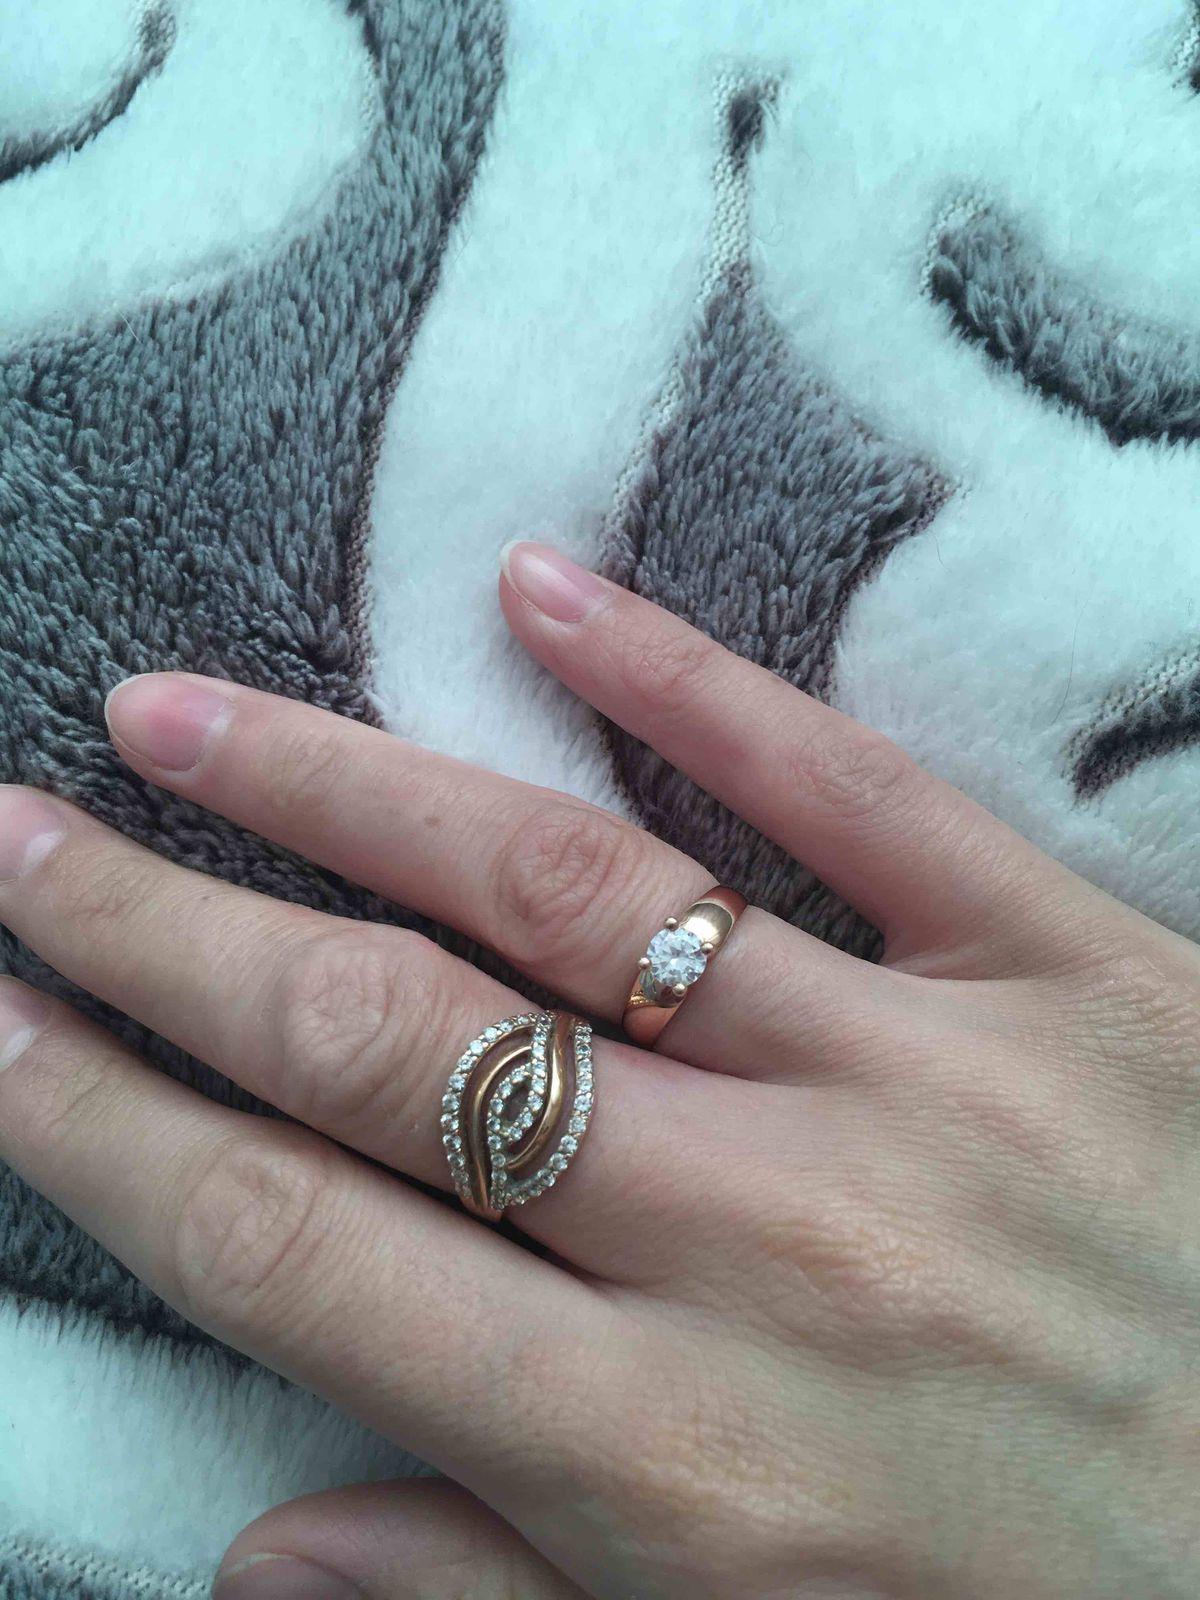 Суперское кольцо за отличную цену